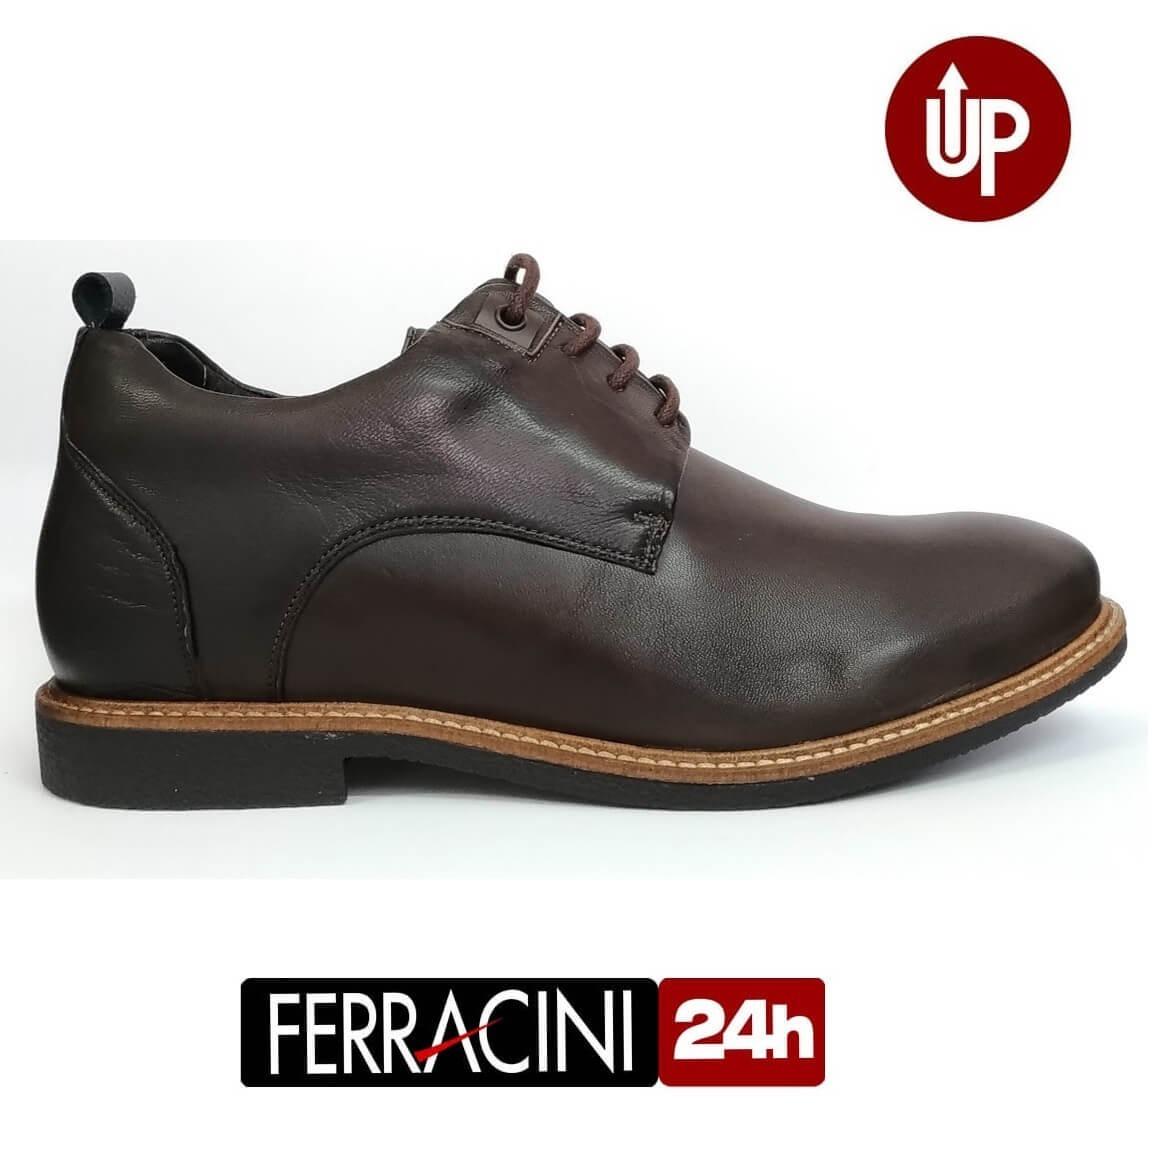 2ed9a0d1a4 sapato masculino ferracini up bangkok você 6 cm mais alto. Carregando zoom.